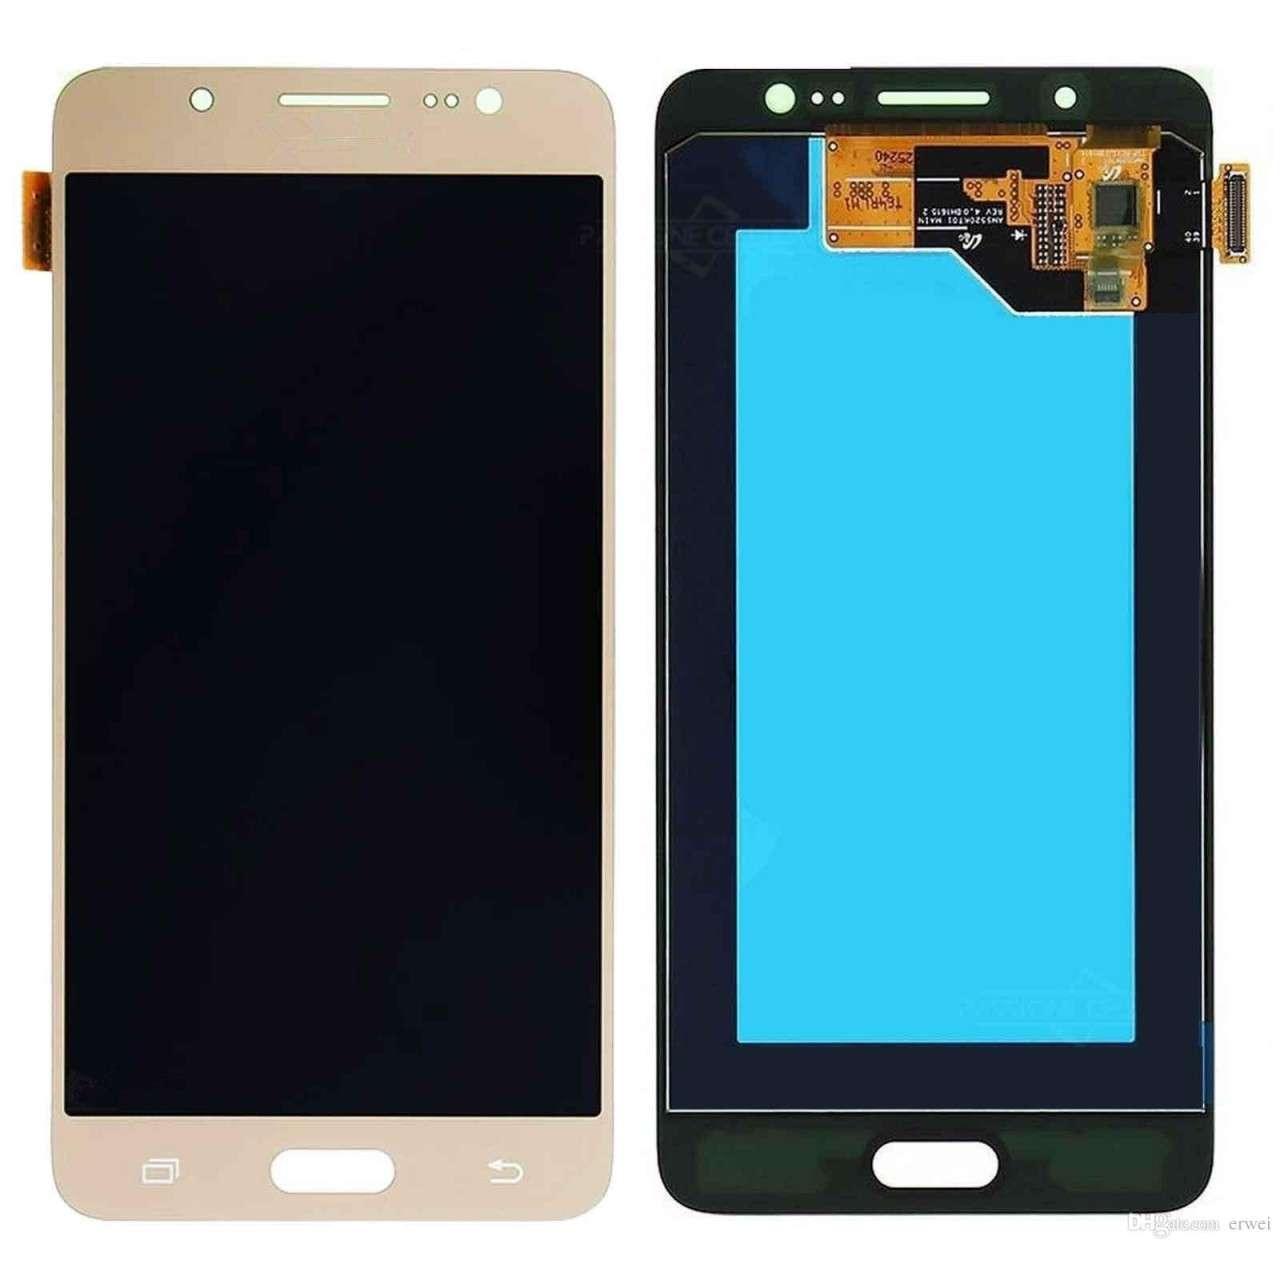 Display Samsung Galaxy J5 2016 J510F Display OLED AAA Gold Auriu imagine powerlaptop.ro 2021